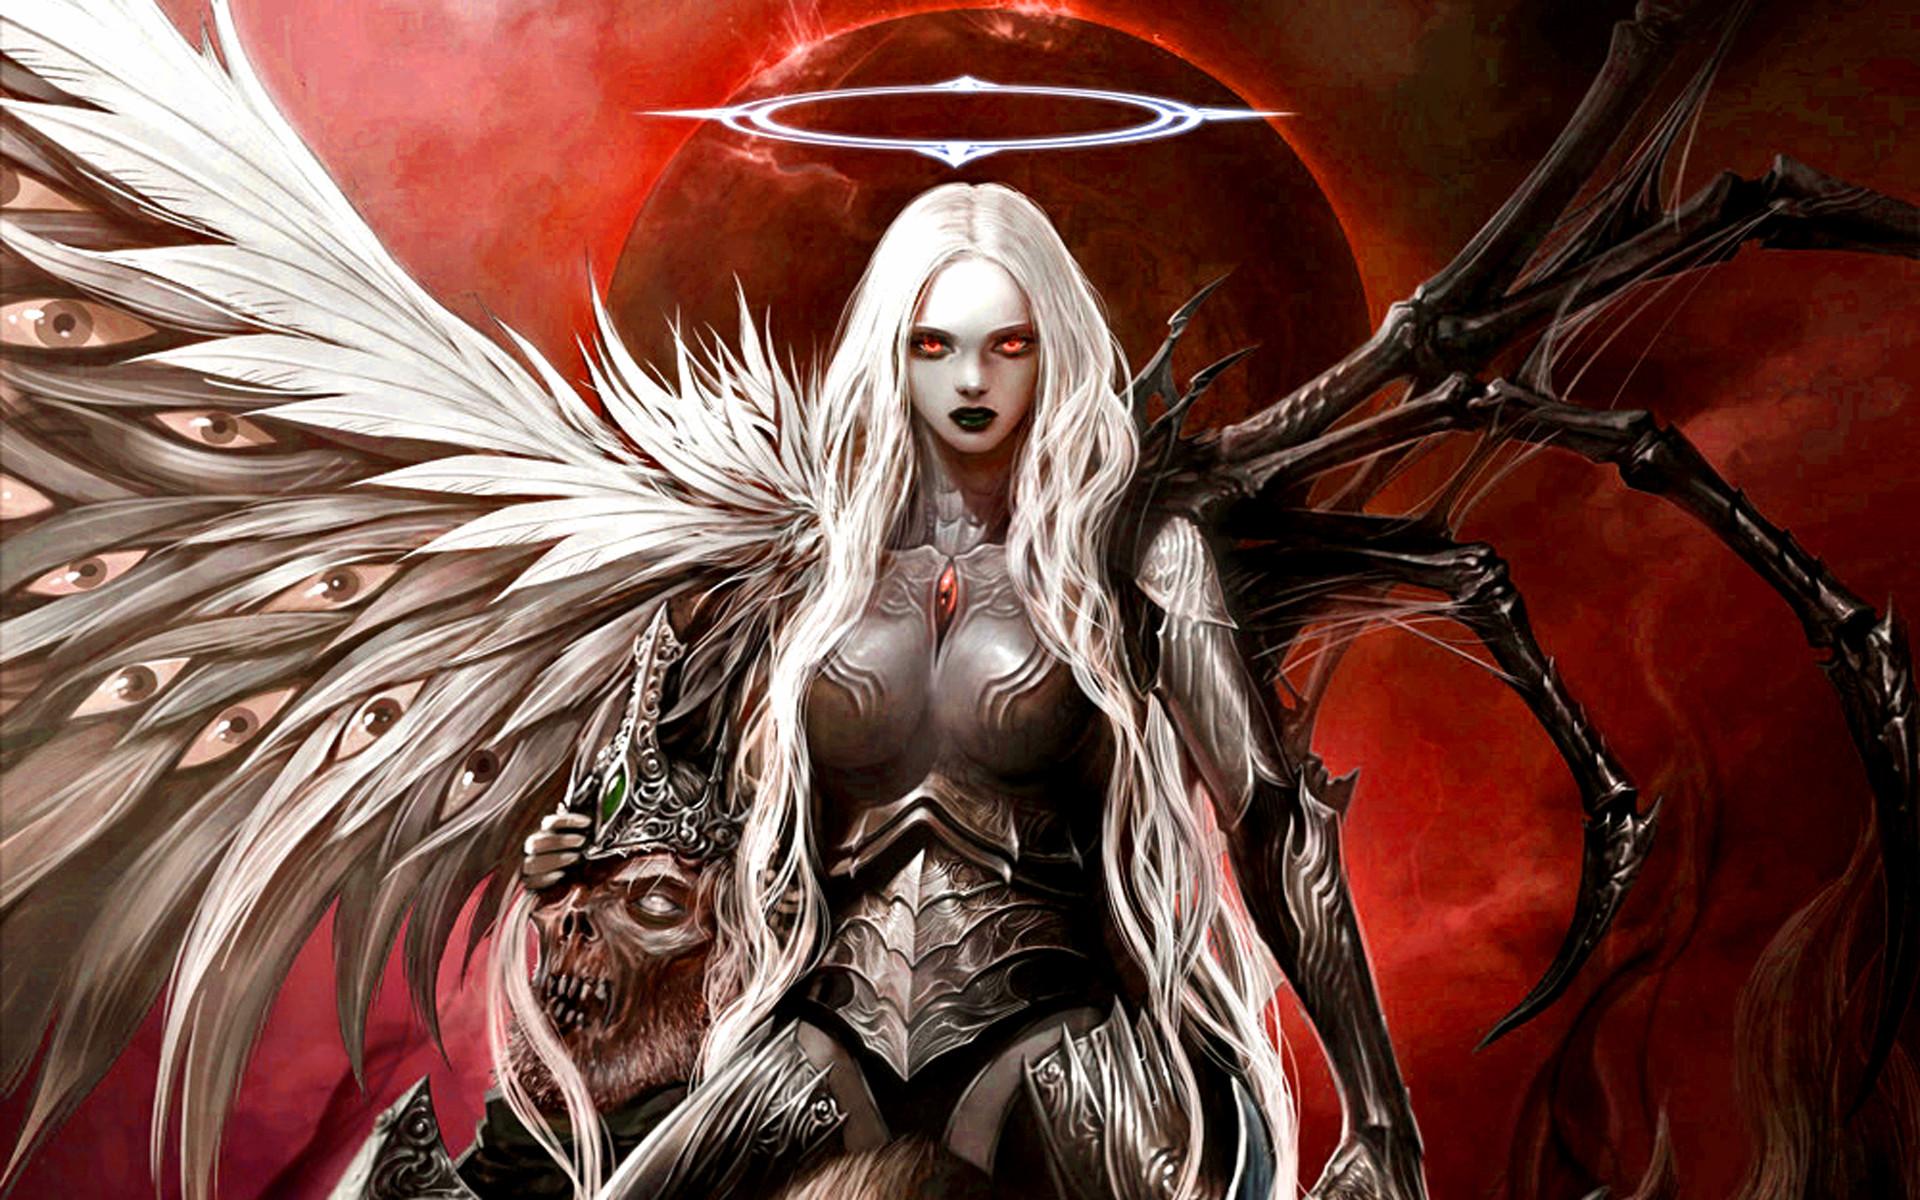 Res: 1920x1200, Angel dark demon fantasy skull wallpaper |  | 220473 | WallpaperUP